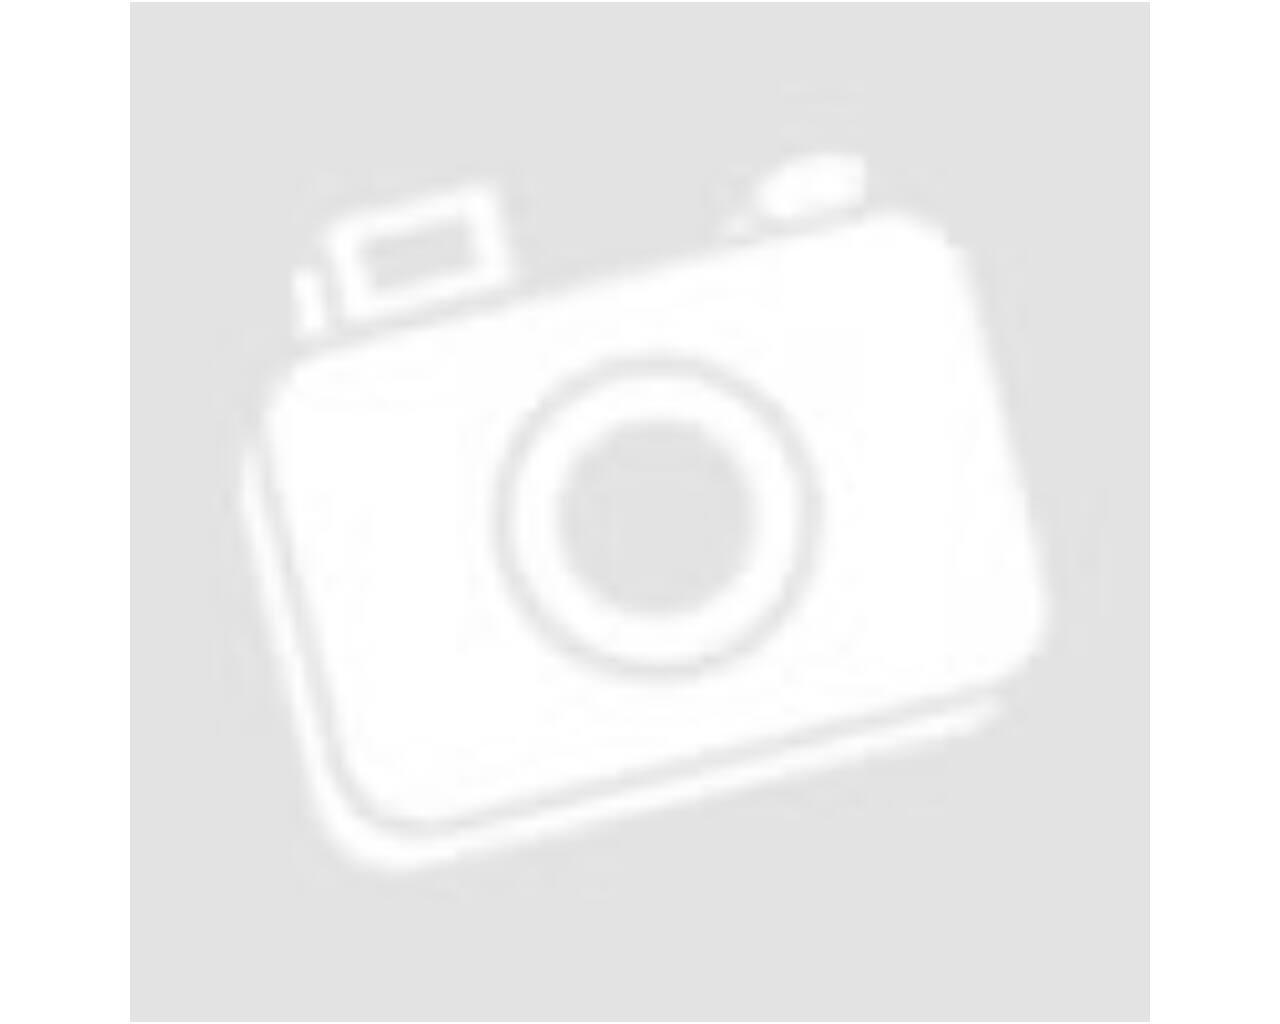 Porszívó PureAir higiénikus szűrő, bosch zsáknélküli 1,5 l, 700 W